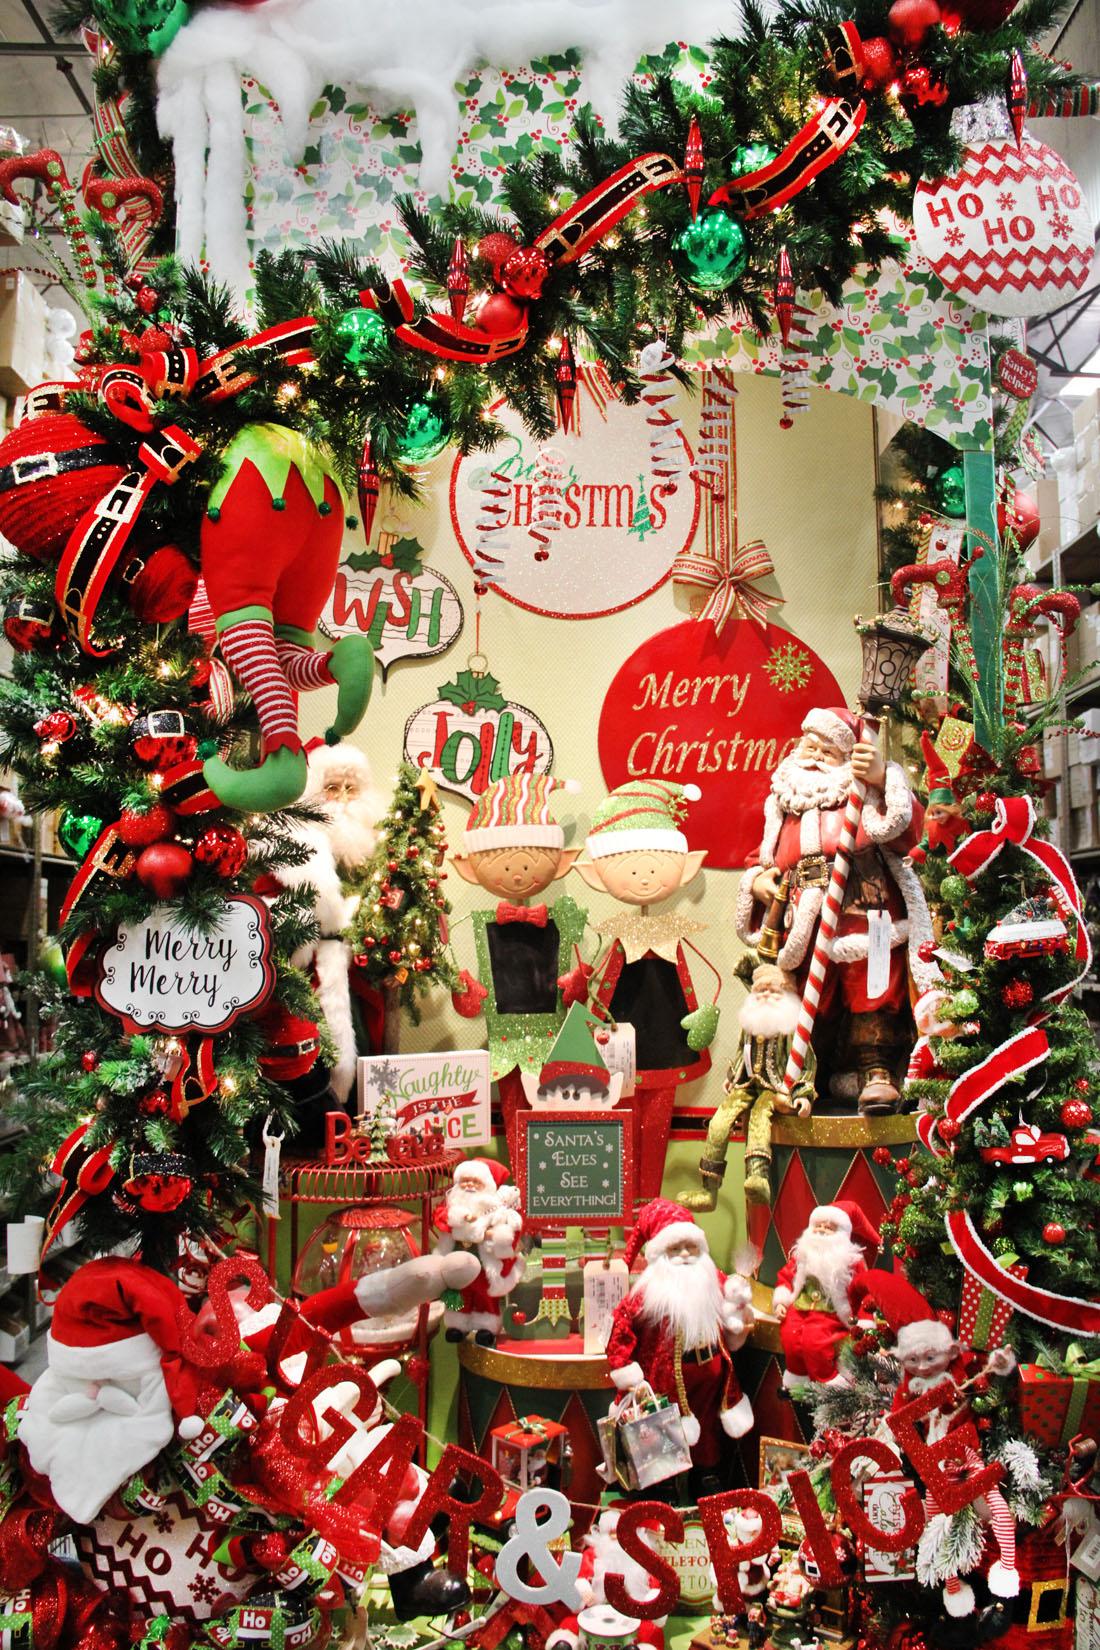 Ho Ho Ho Merry Christmas.Ho Ho Ho Merry Christmas Shinoda Design Center